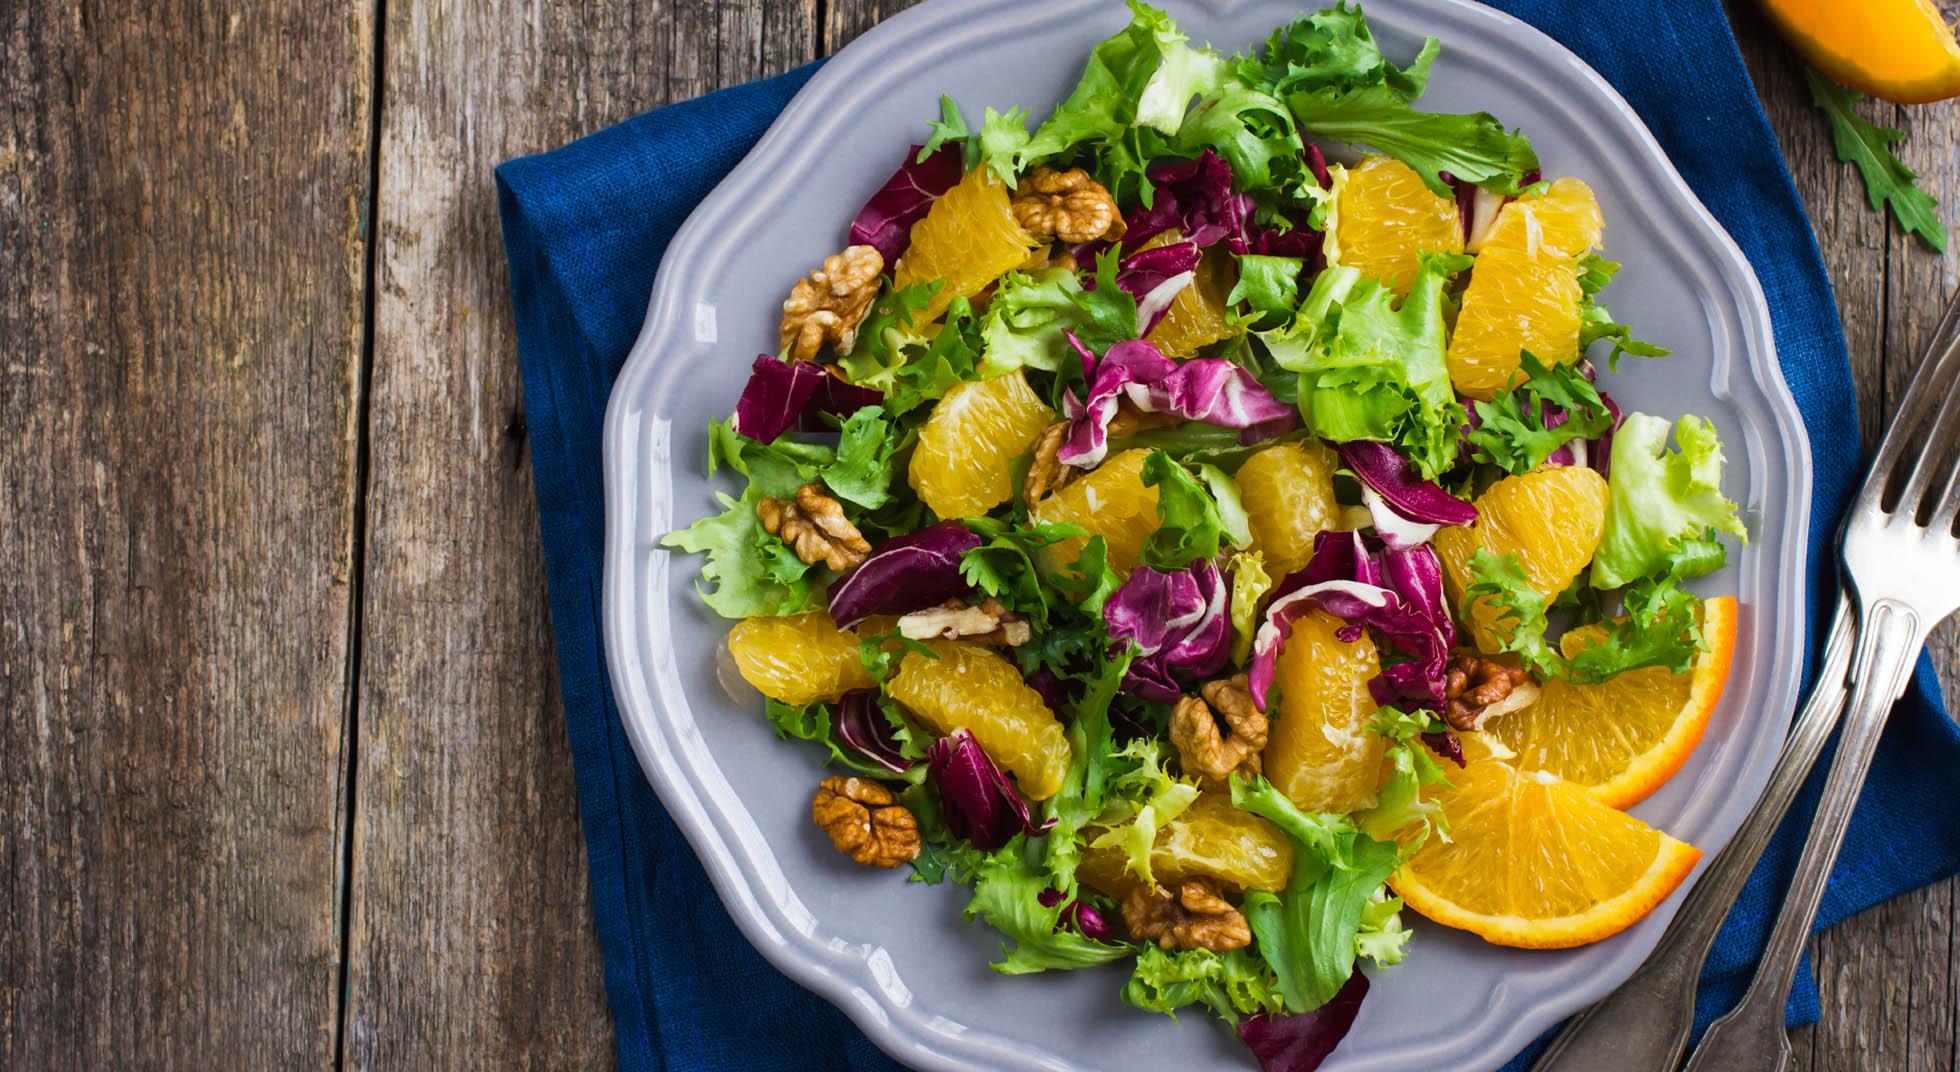 Insalata primaverile 5 ricette da provare aia food for Ricette insalate